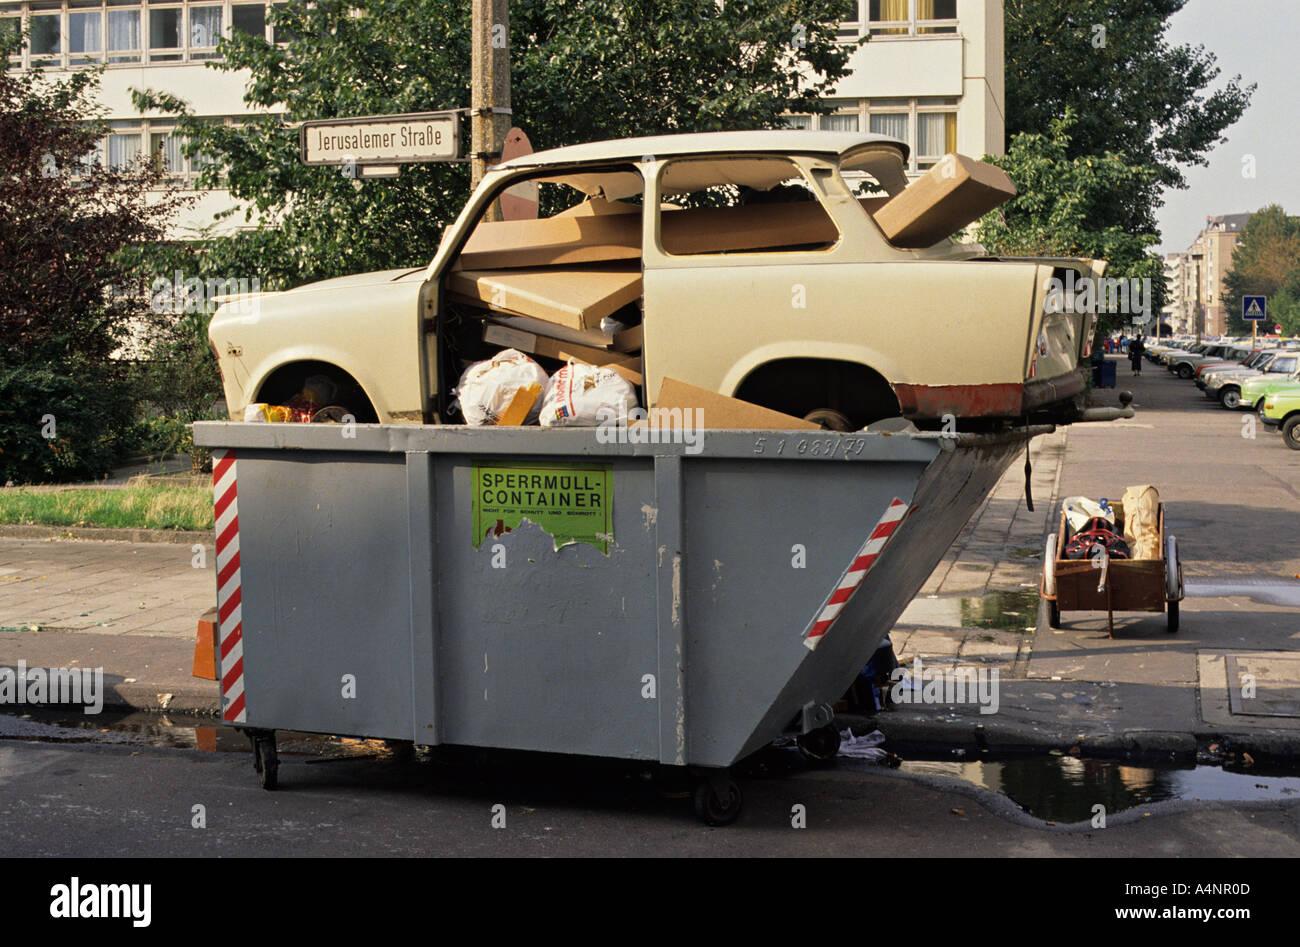 Storia Il primo Trabant vettura deve essere gettato via dopo la caduta del muro di Berlino in estate 1990 Immagini Stock